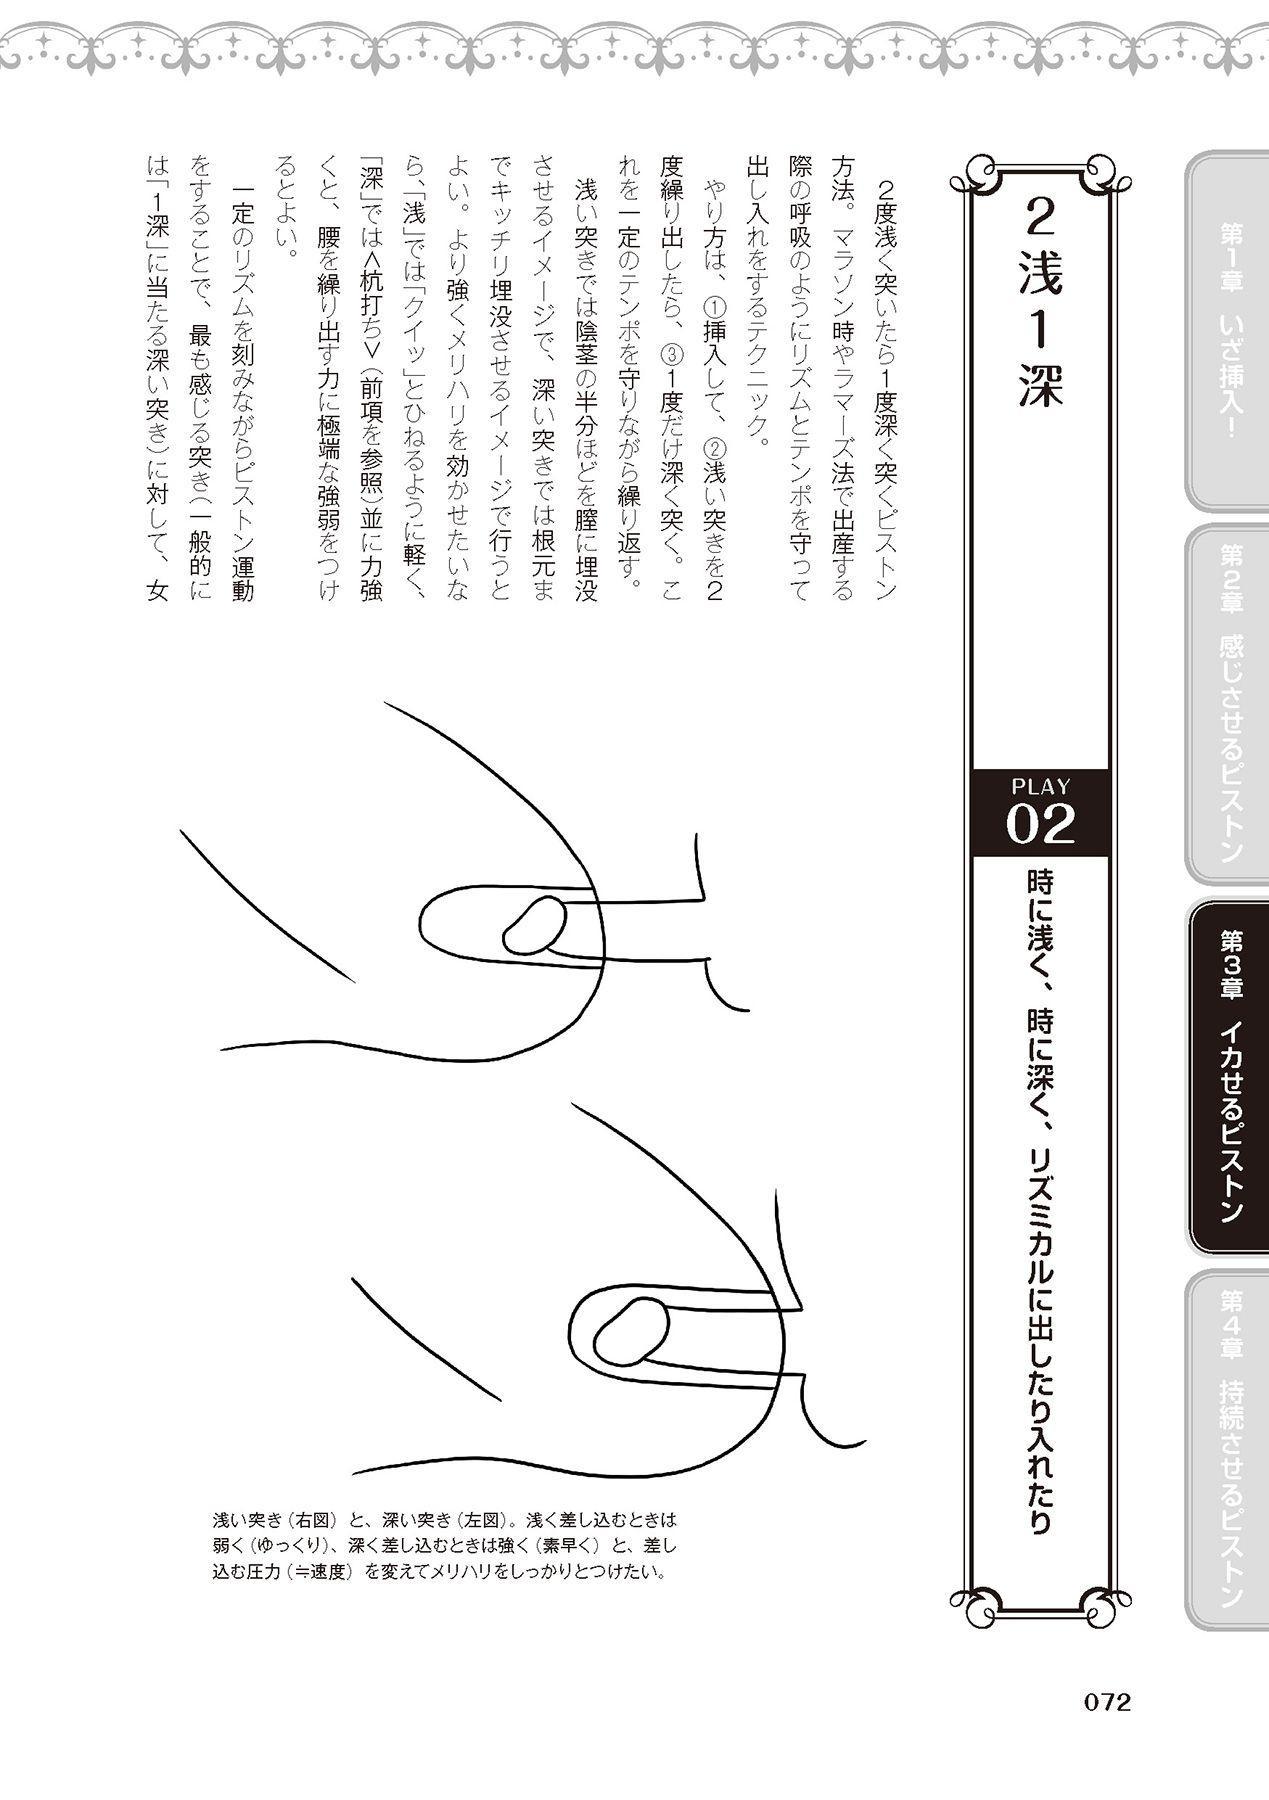 膣挿入&ピストン運動完全マニュアル イラスト版……ピスとんッ! 73